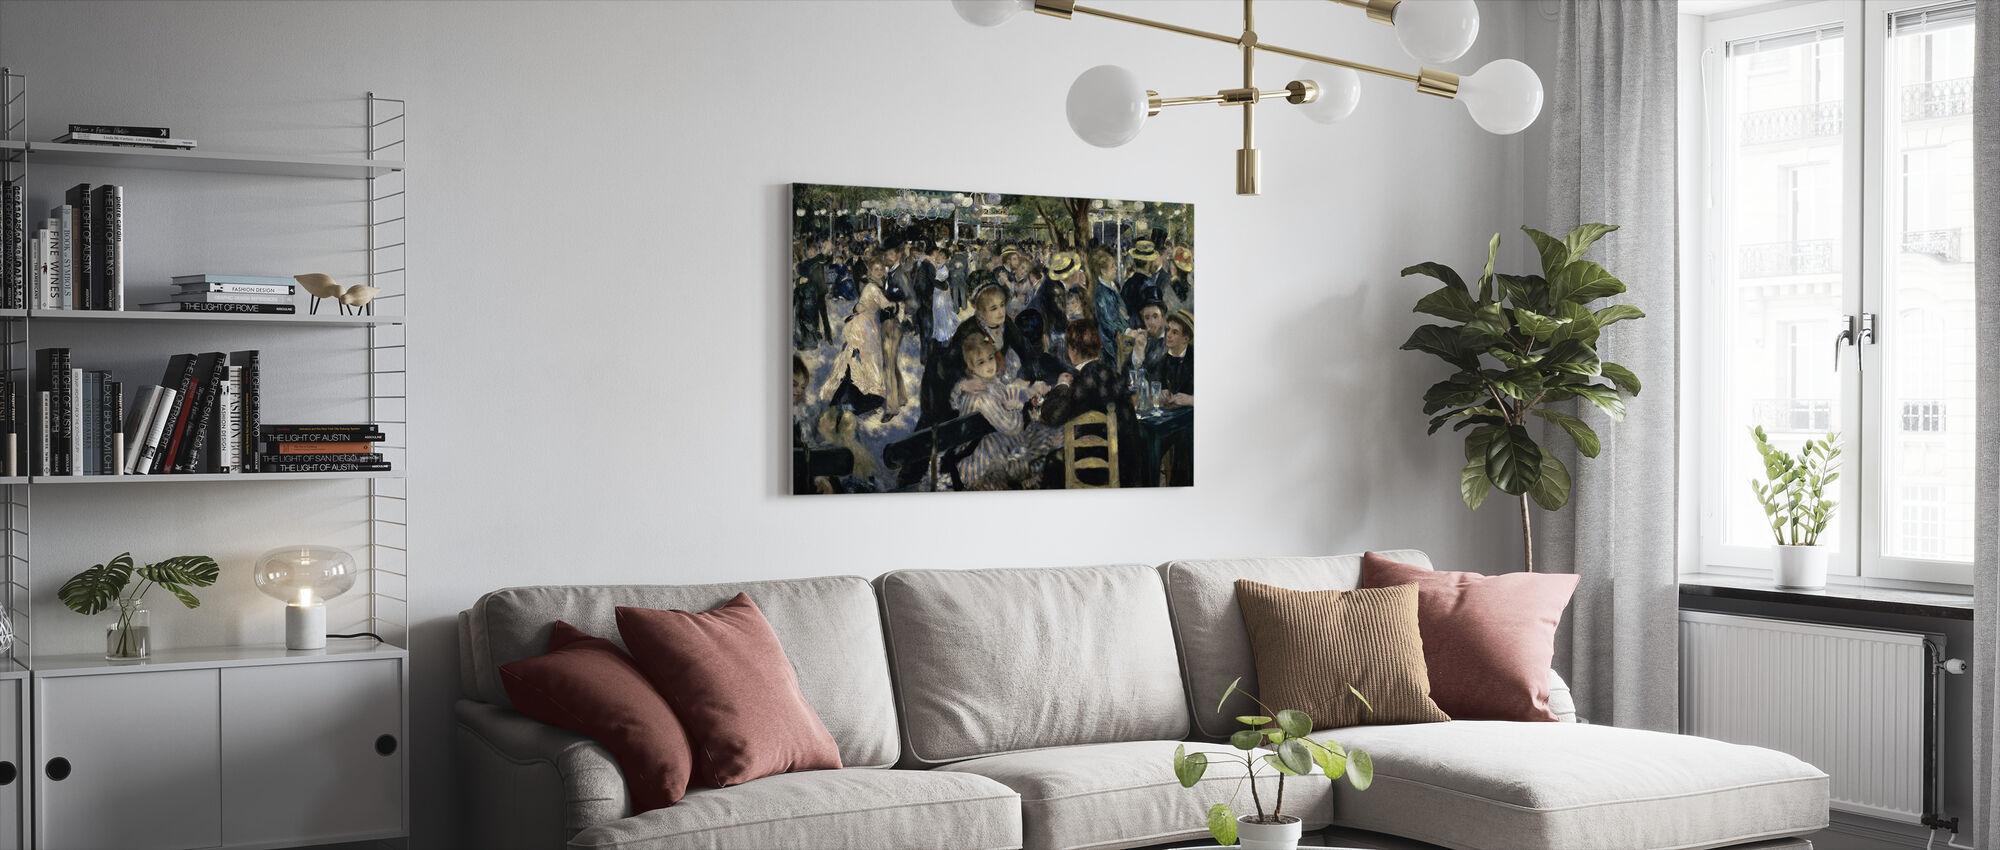 Bal bij de Moulin de la Galette - Pierre-Auguste Renoir - Canvas print - Woonkamer